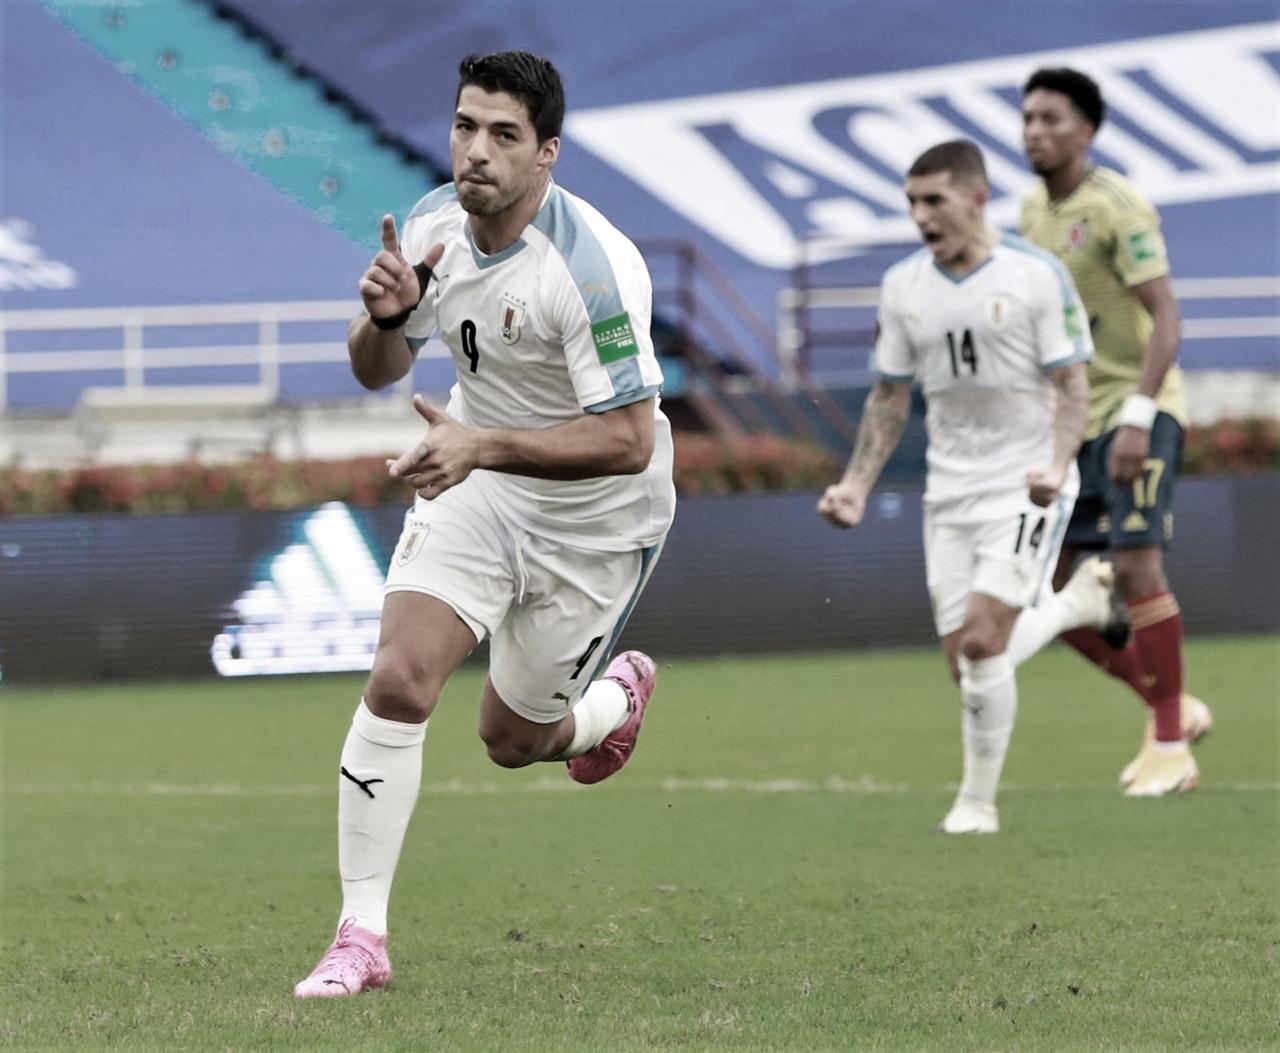 Luis Suárez anotando el segundo gol frente a la selección de Colombia. / Foto: Selección Uruguaya